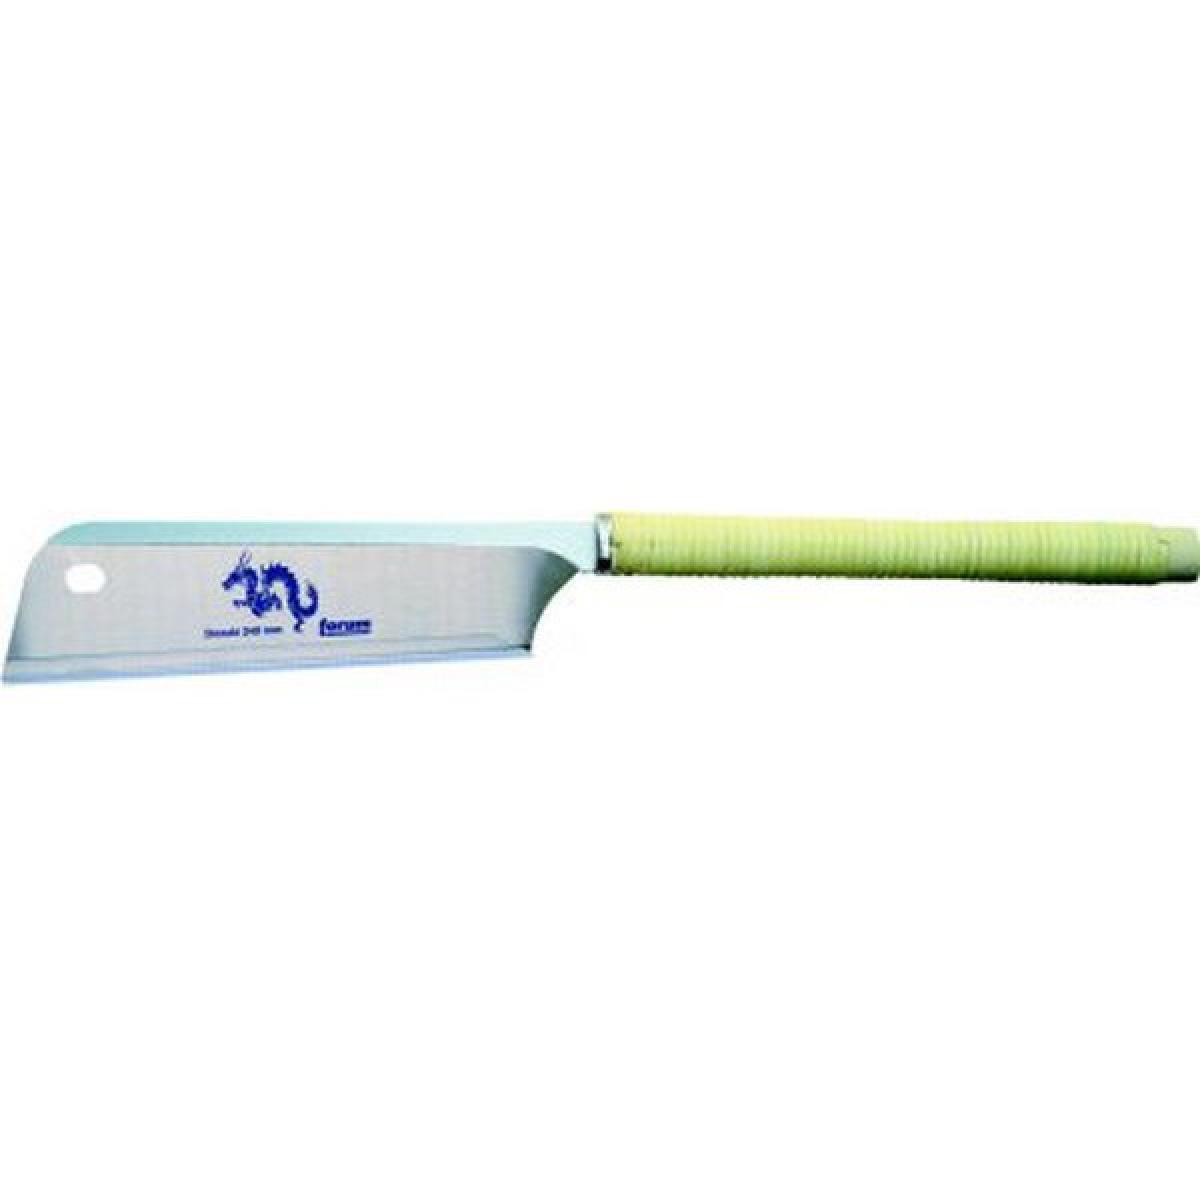 Forum Scie japonaise Dozuki, poignée bambou, longueur de lame 150 mm, Épaisseur de lame 0,5 mm